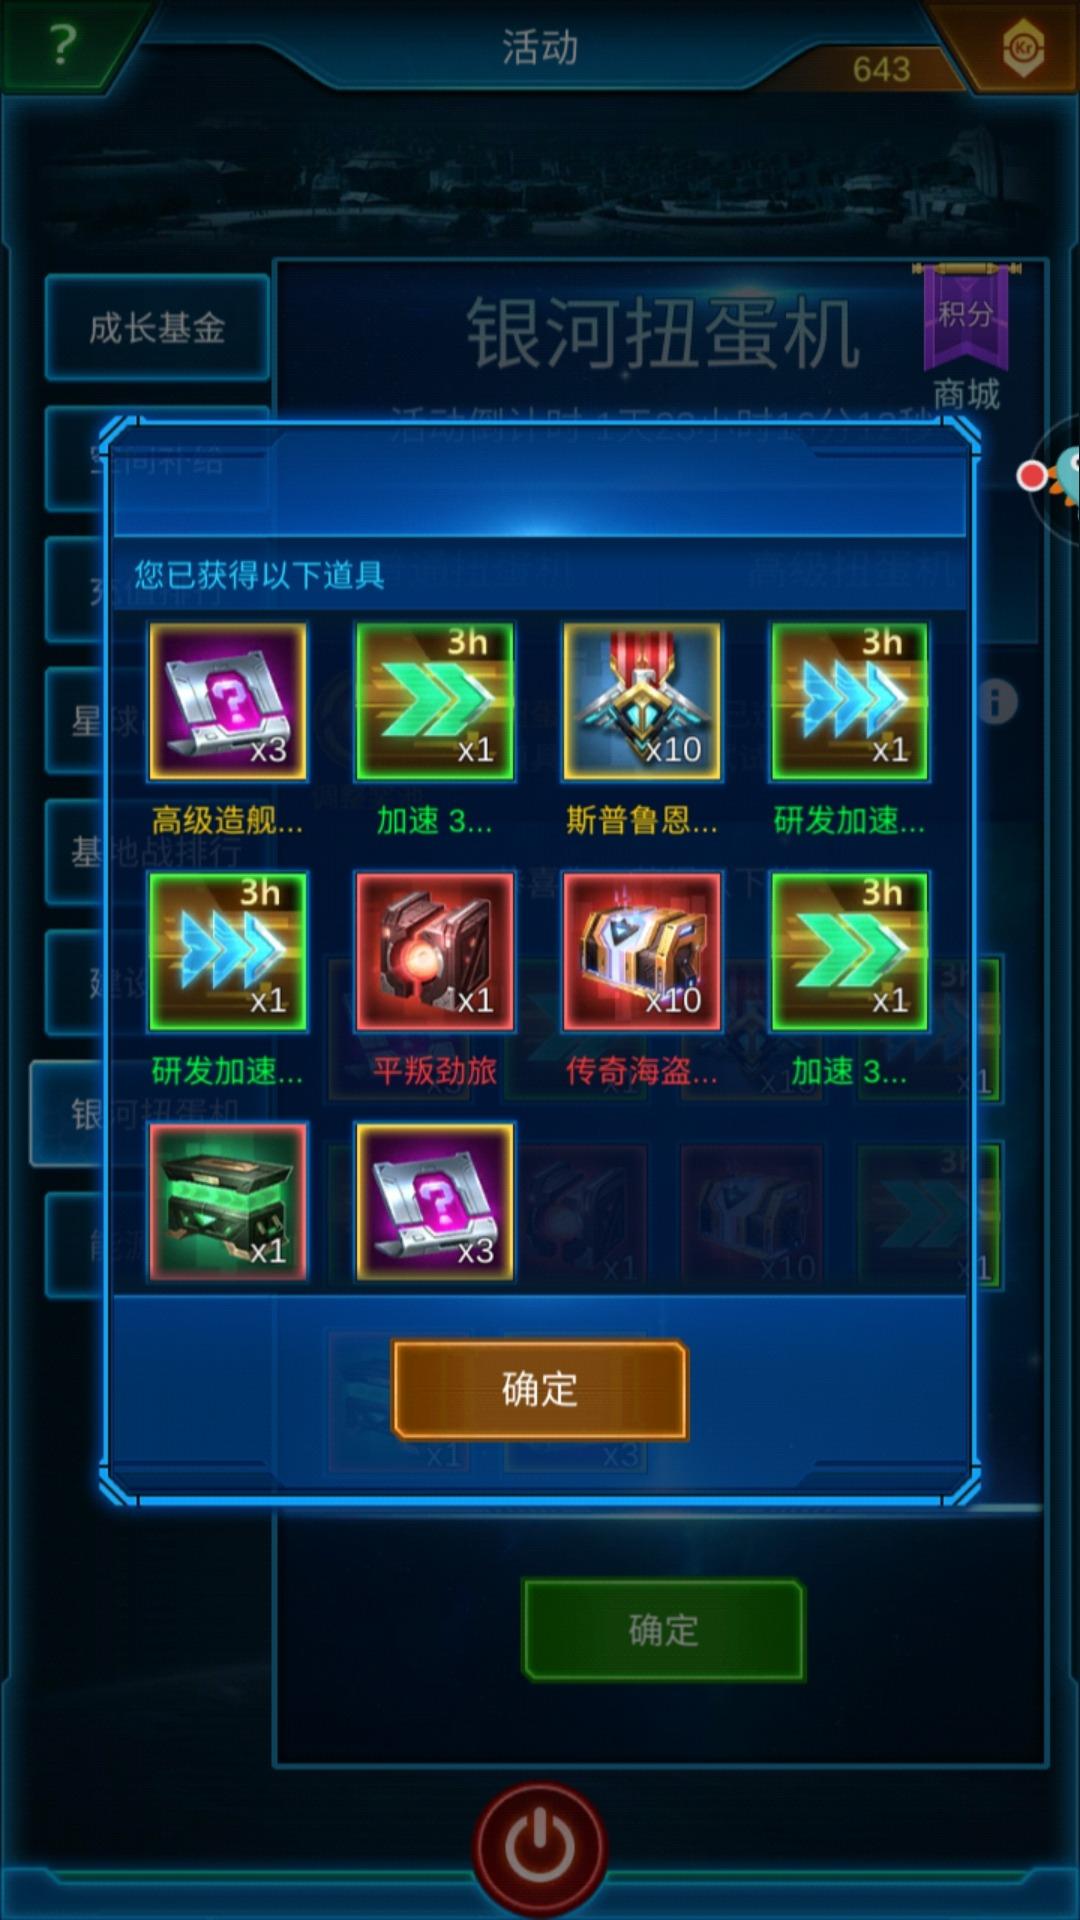 Screenshot_20200405_124347_com.jedigames.p16s.aligames.jpg